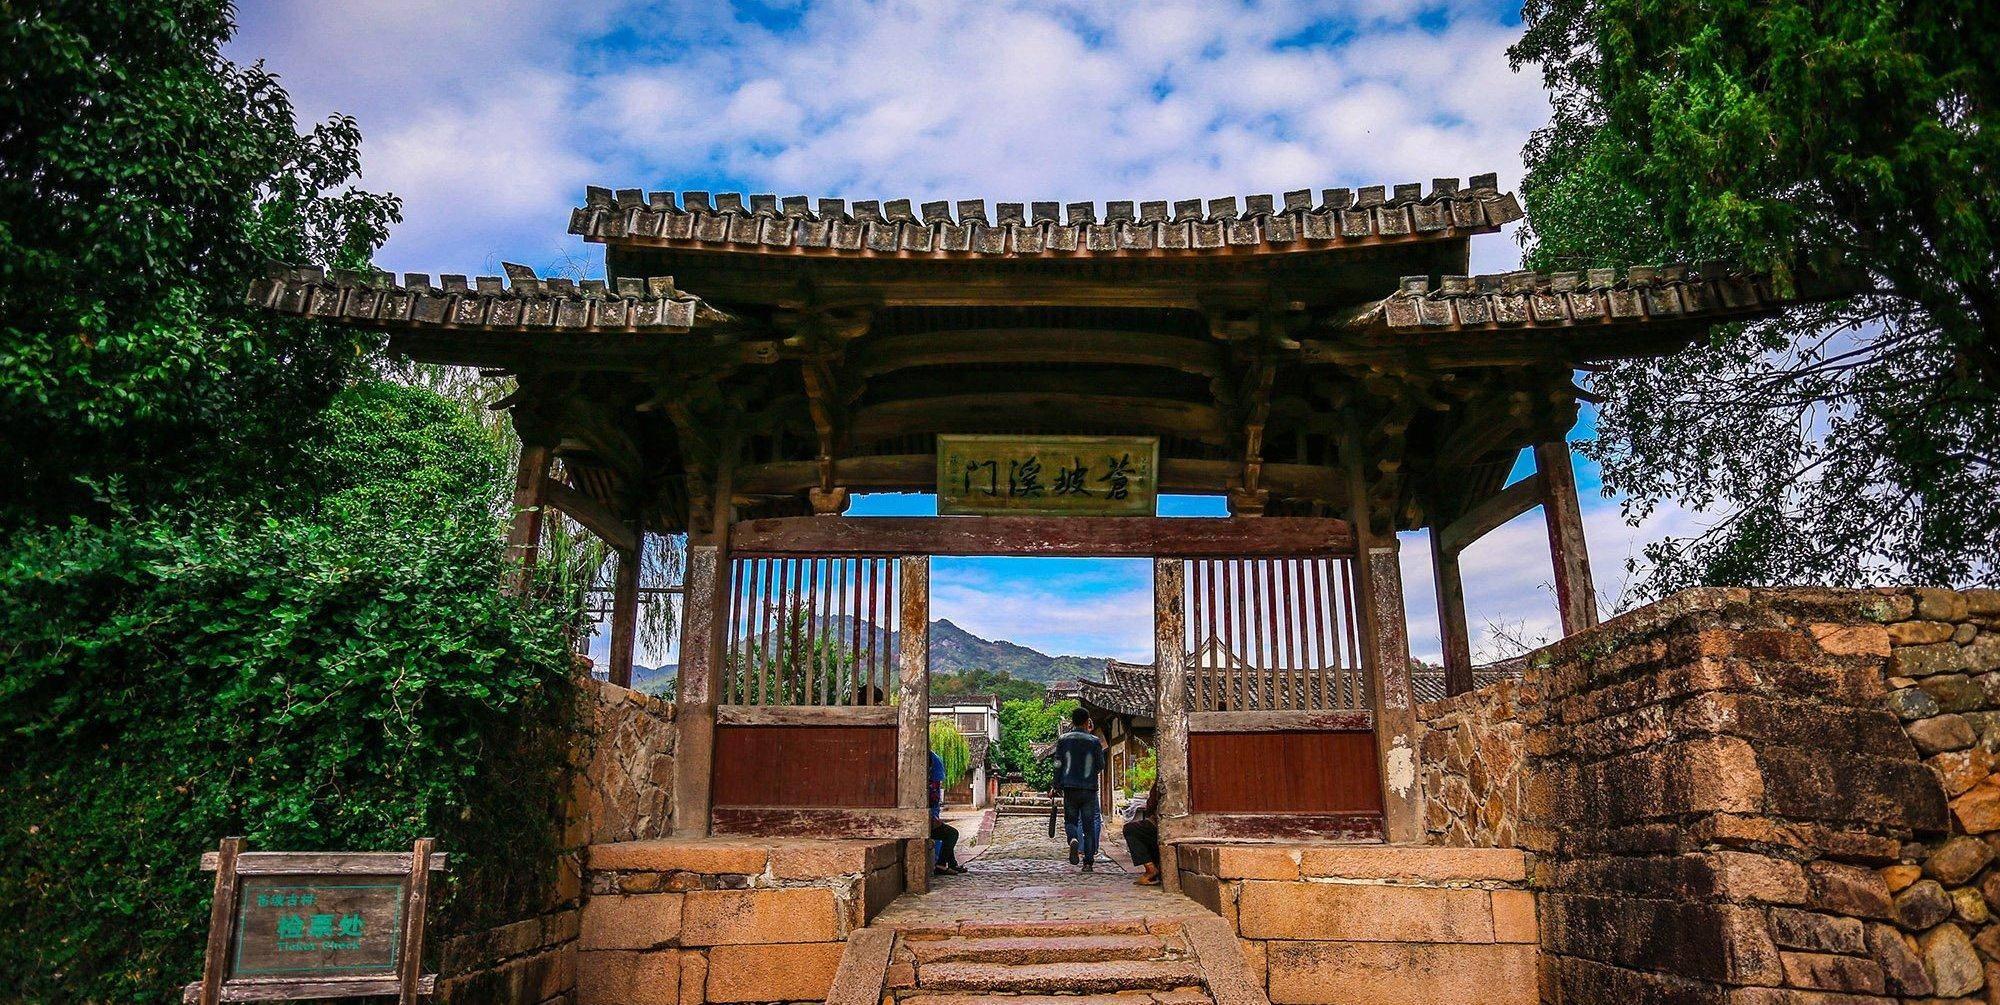 浙江有一座低调的千年古村,不亚西安北京,知道的游客不多